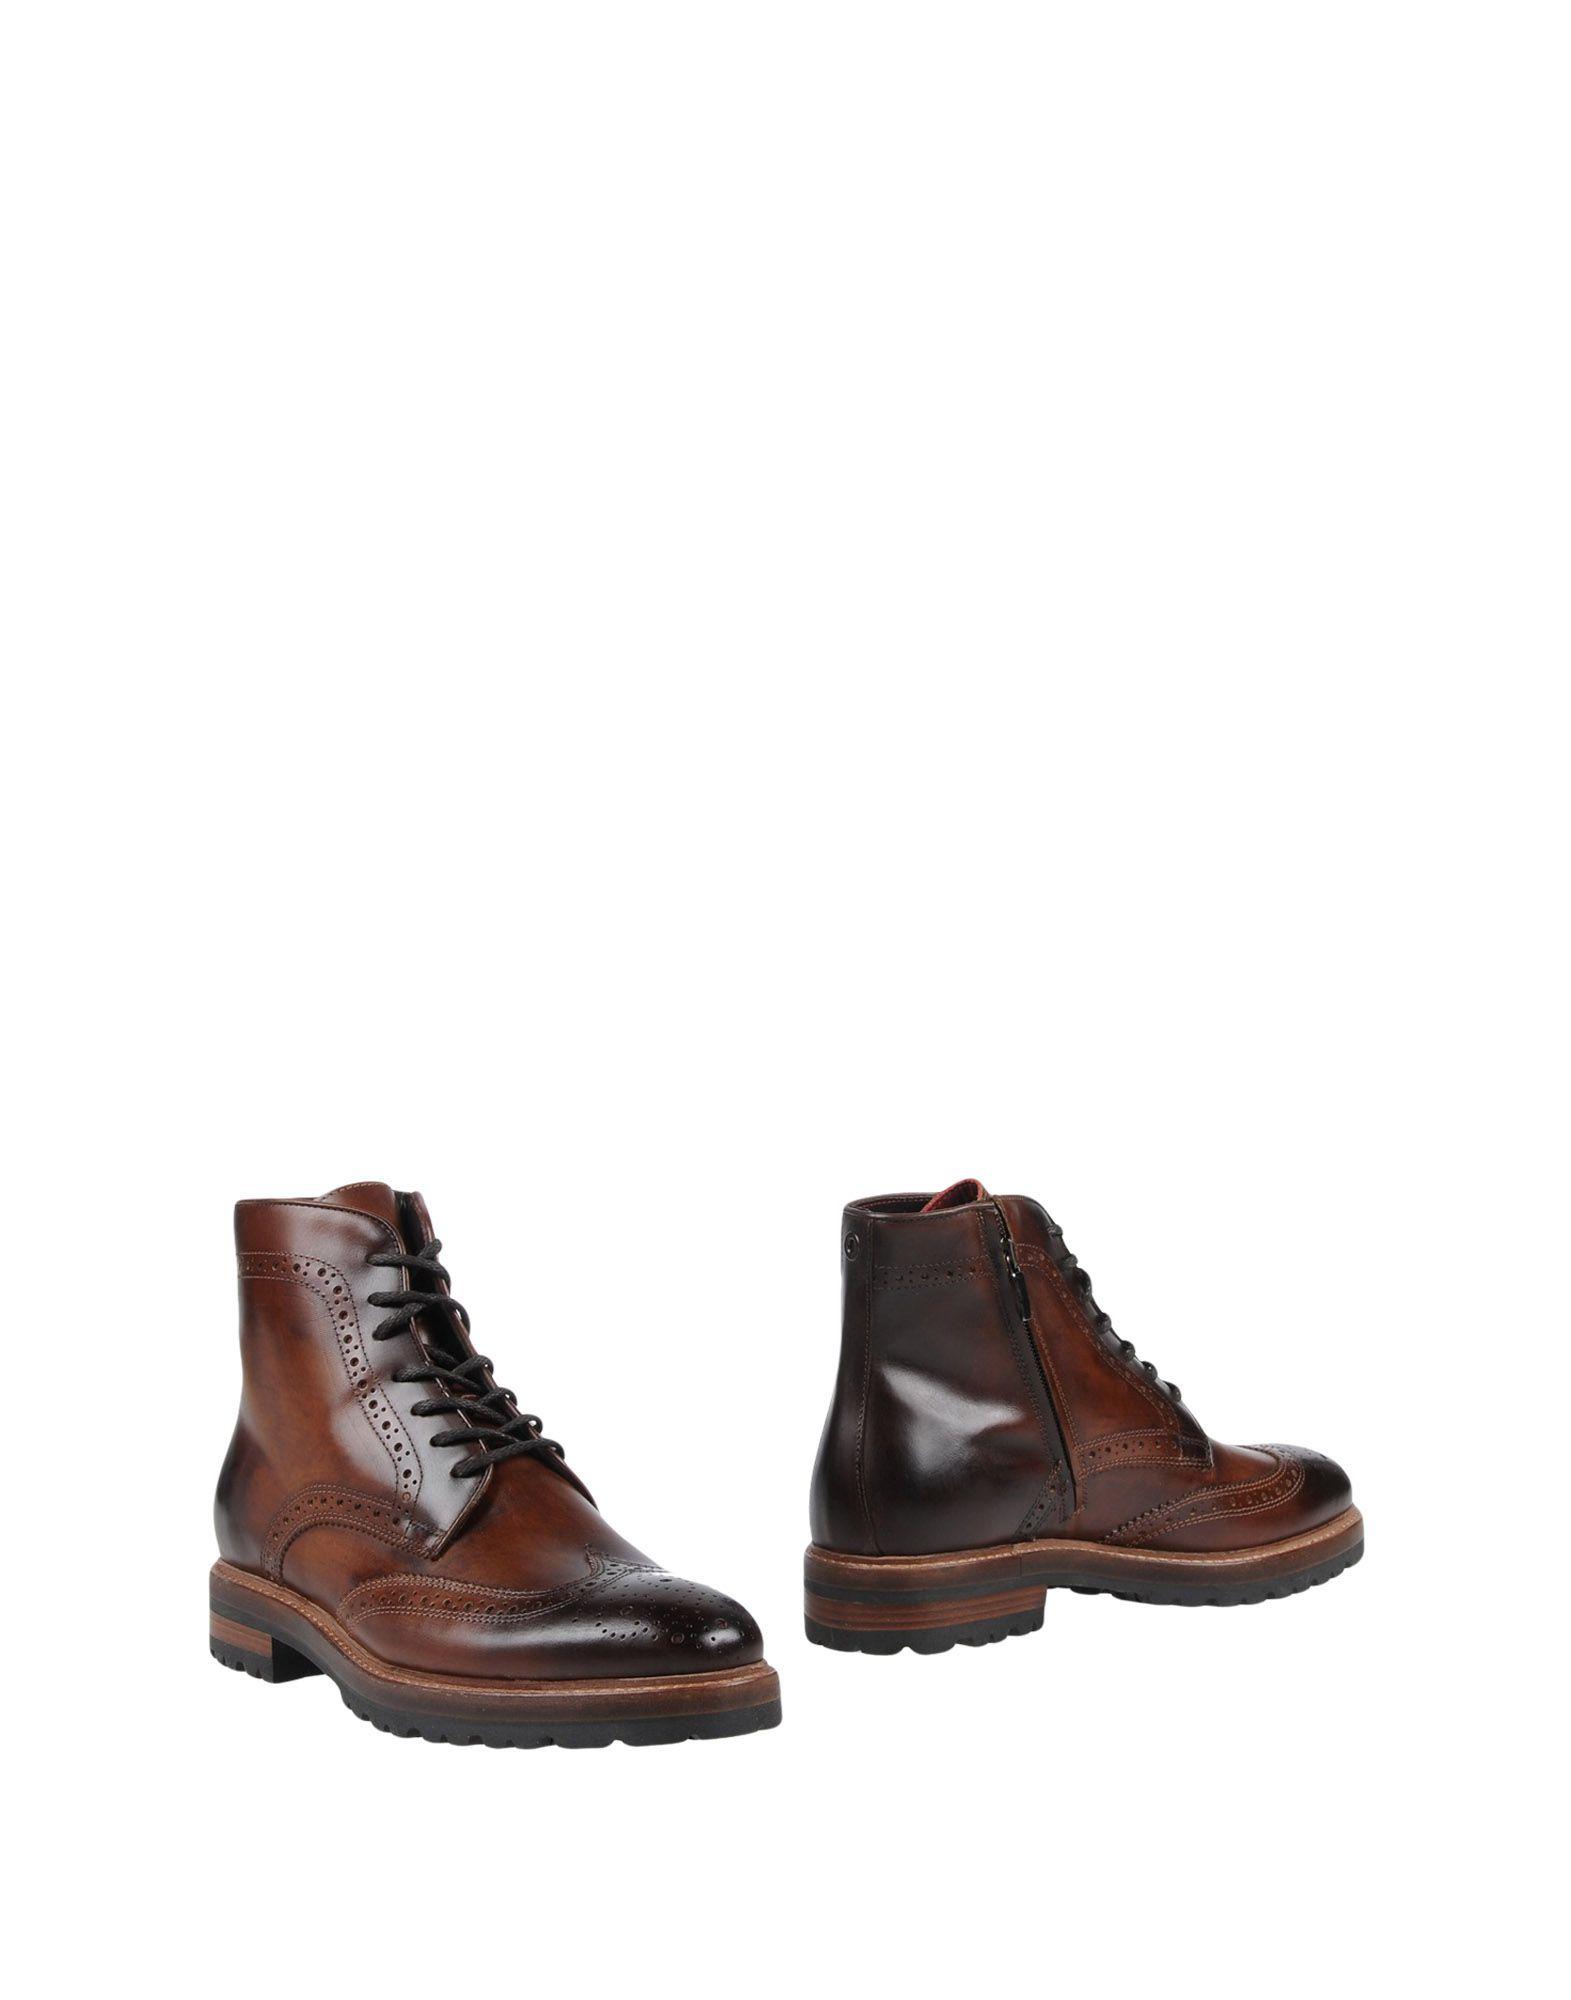 Fiorangelo Stiefelette Herren  11448310FA Gute Qualität beliebte Schuhe